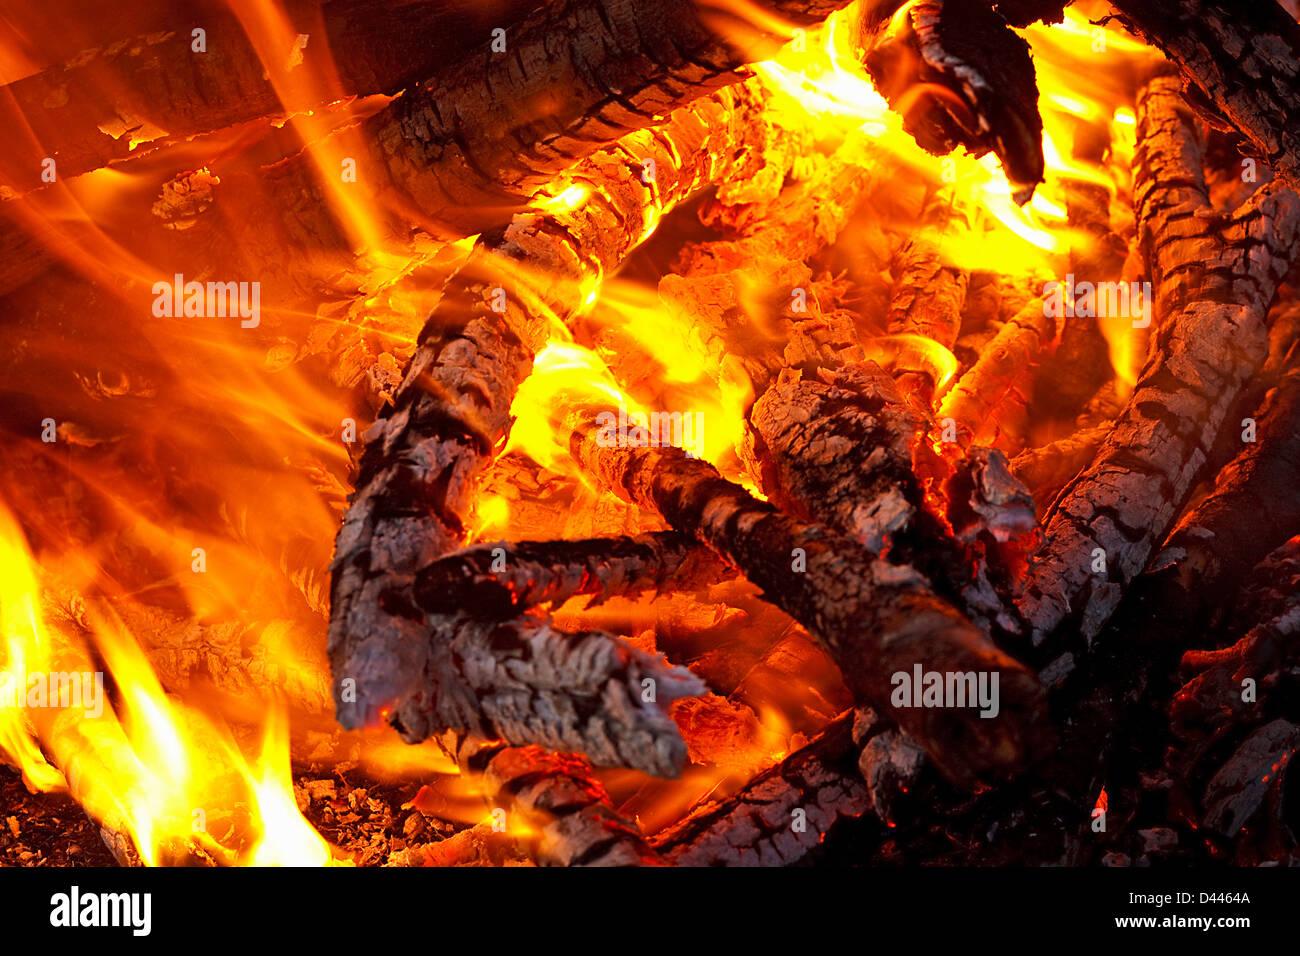 Chimenea de madera natural glowing embers genial para fondo o en las estufas de combustible sólido ahora clasificado Foto de stock